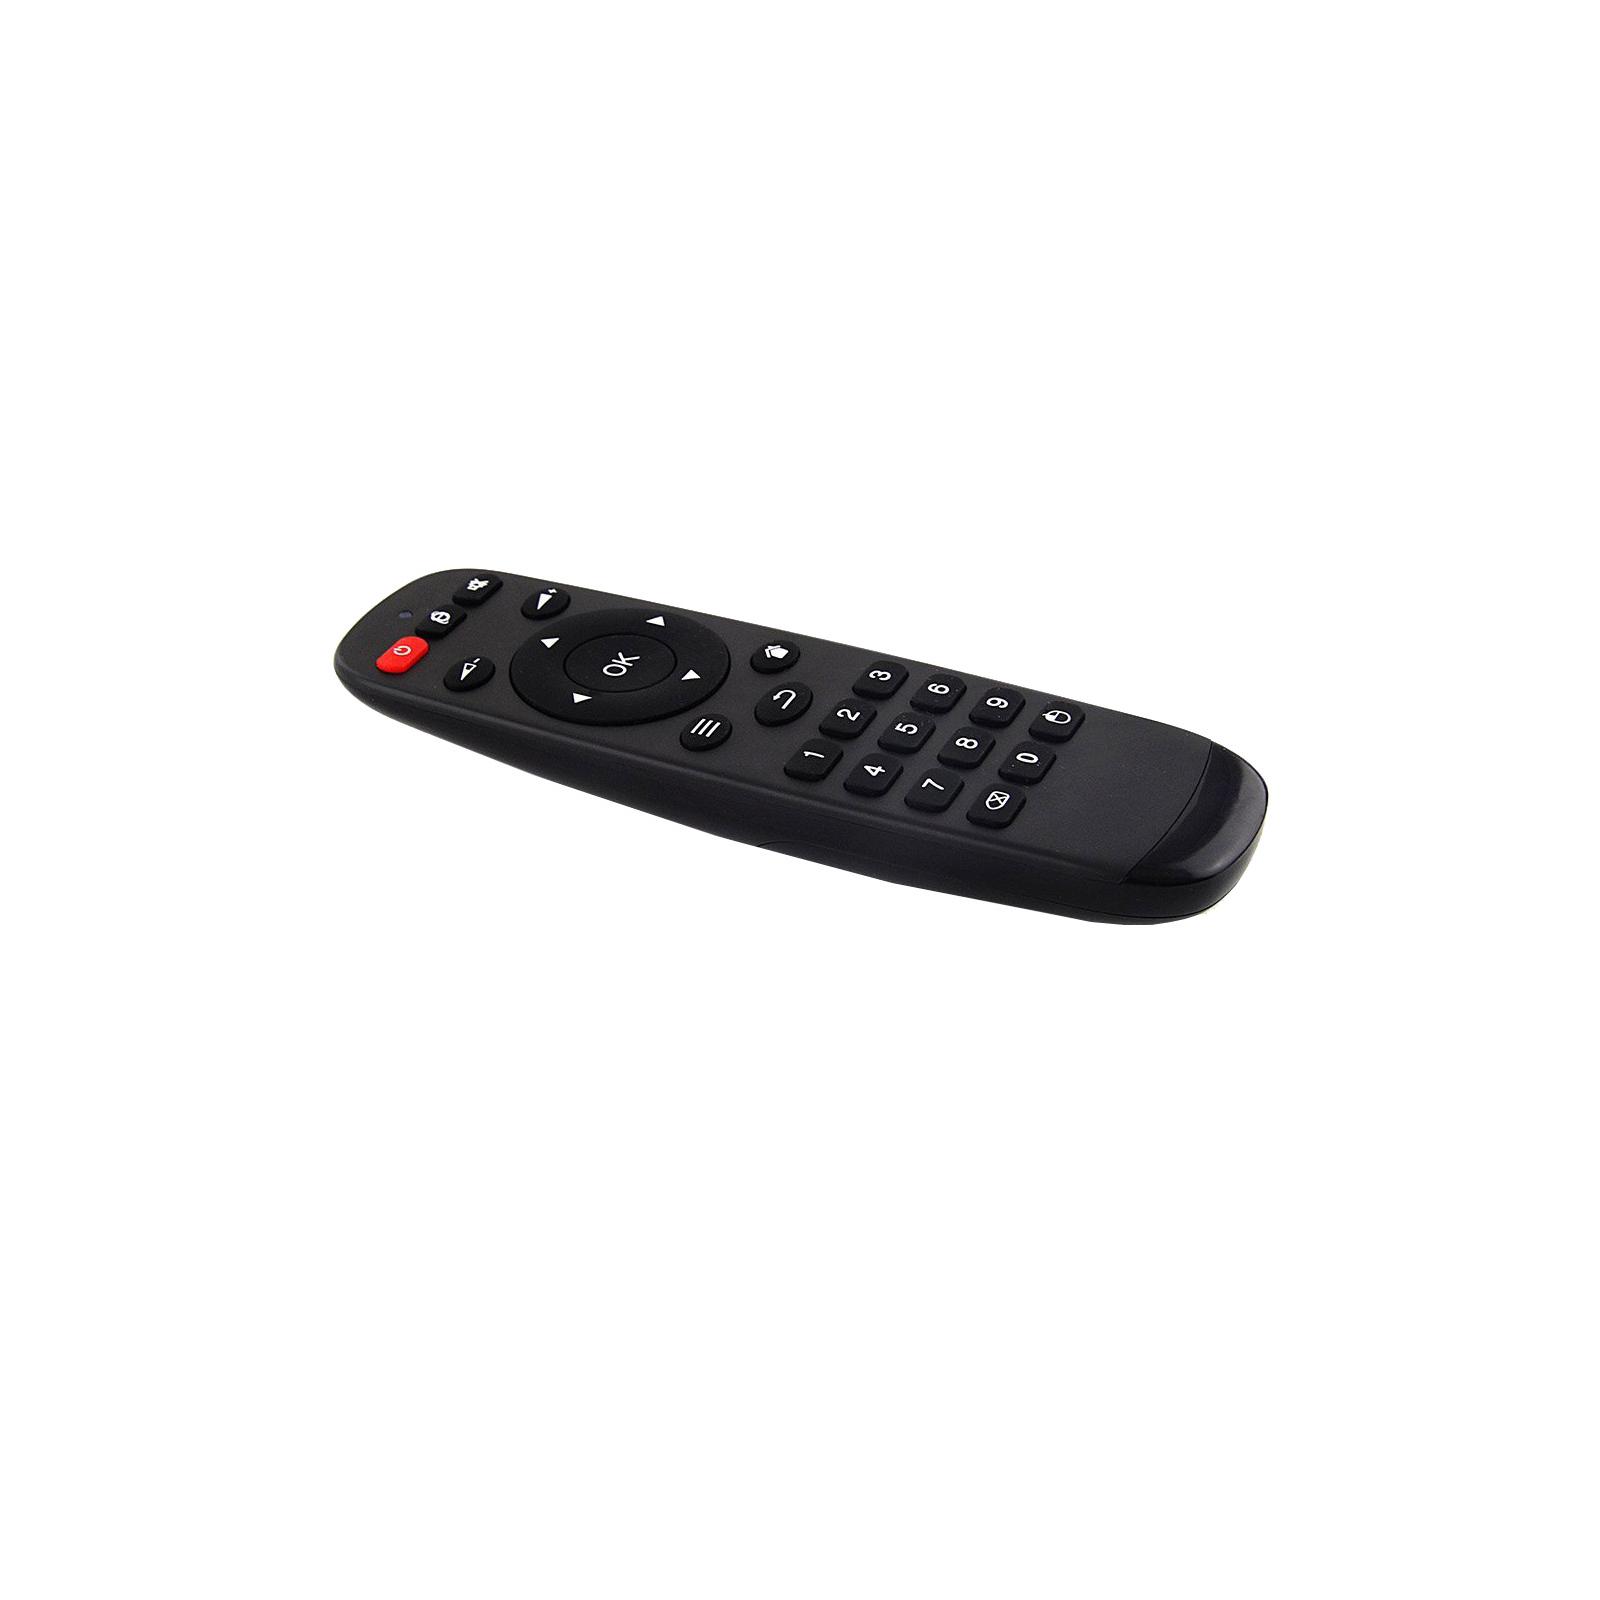 Медиаплеер Alfacore Smart TV M8 изображение 9